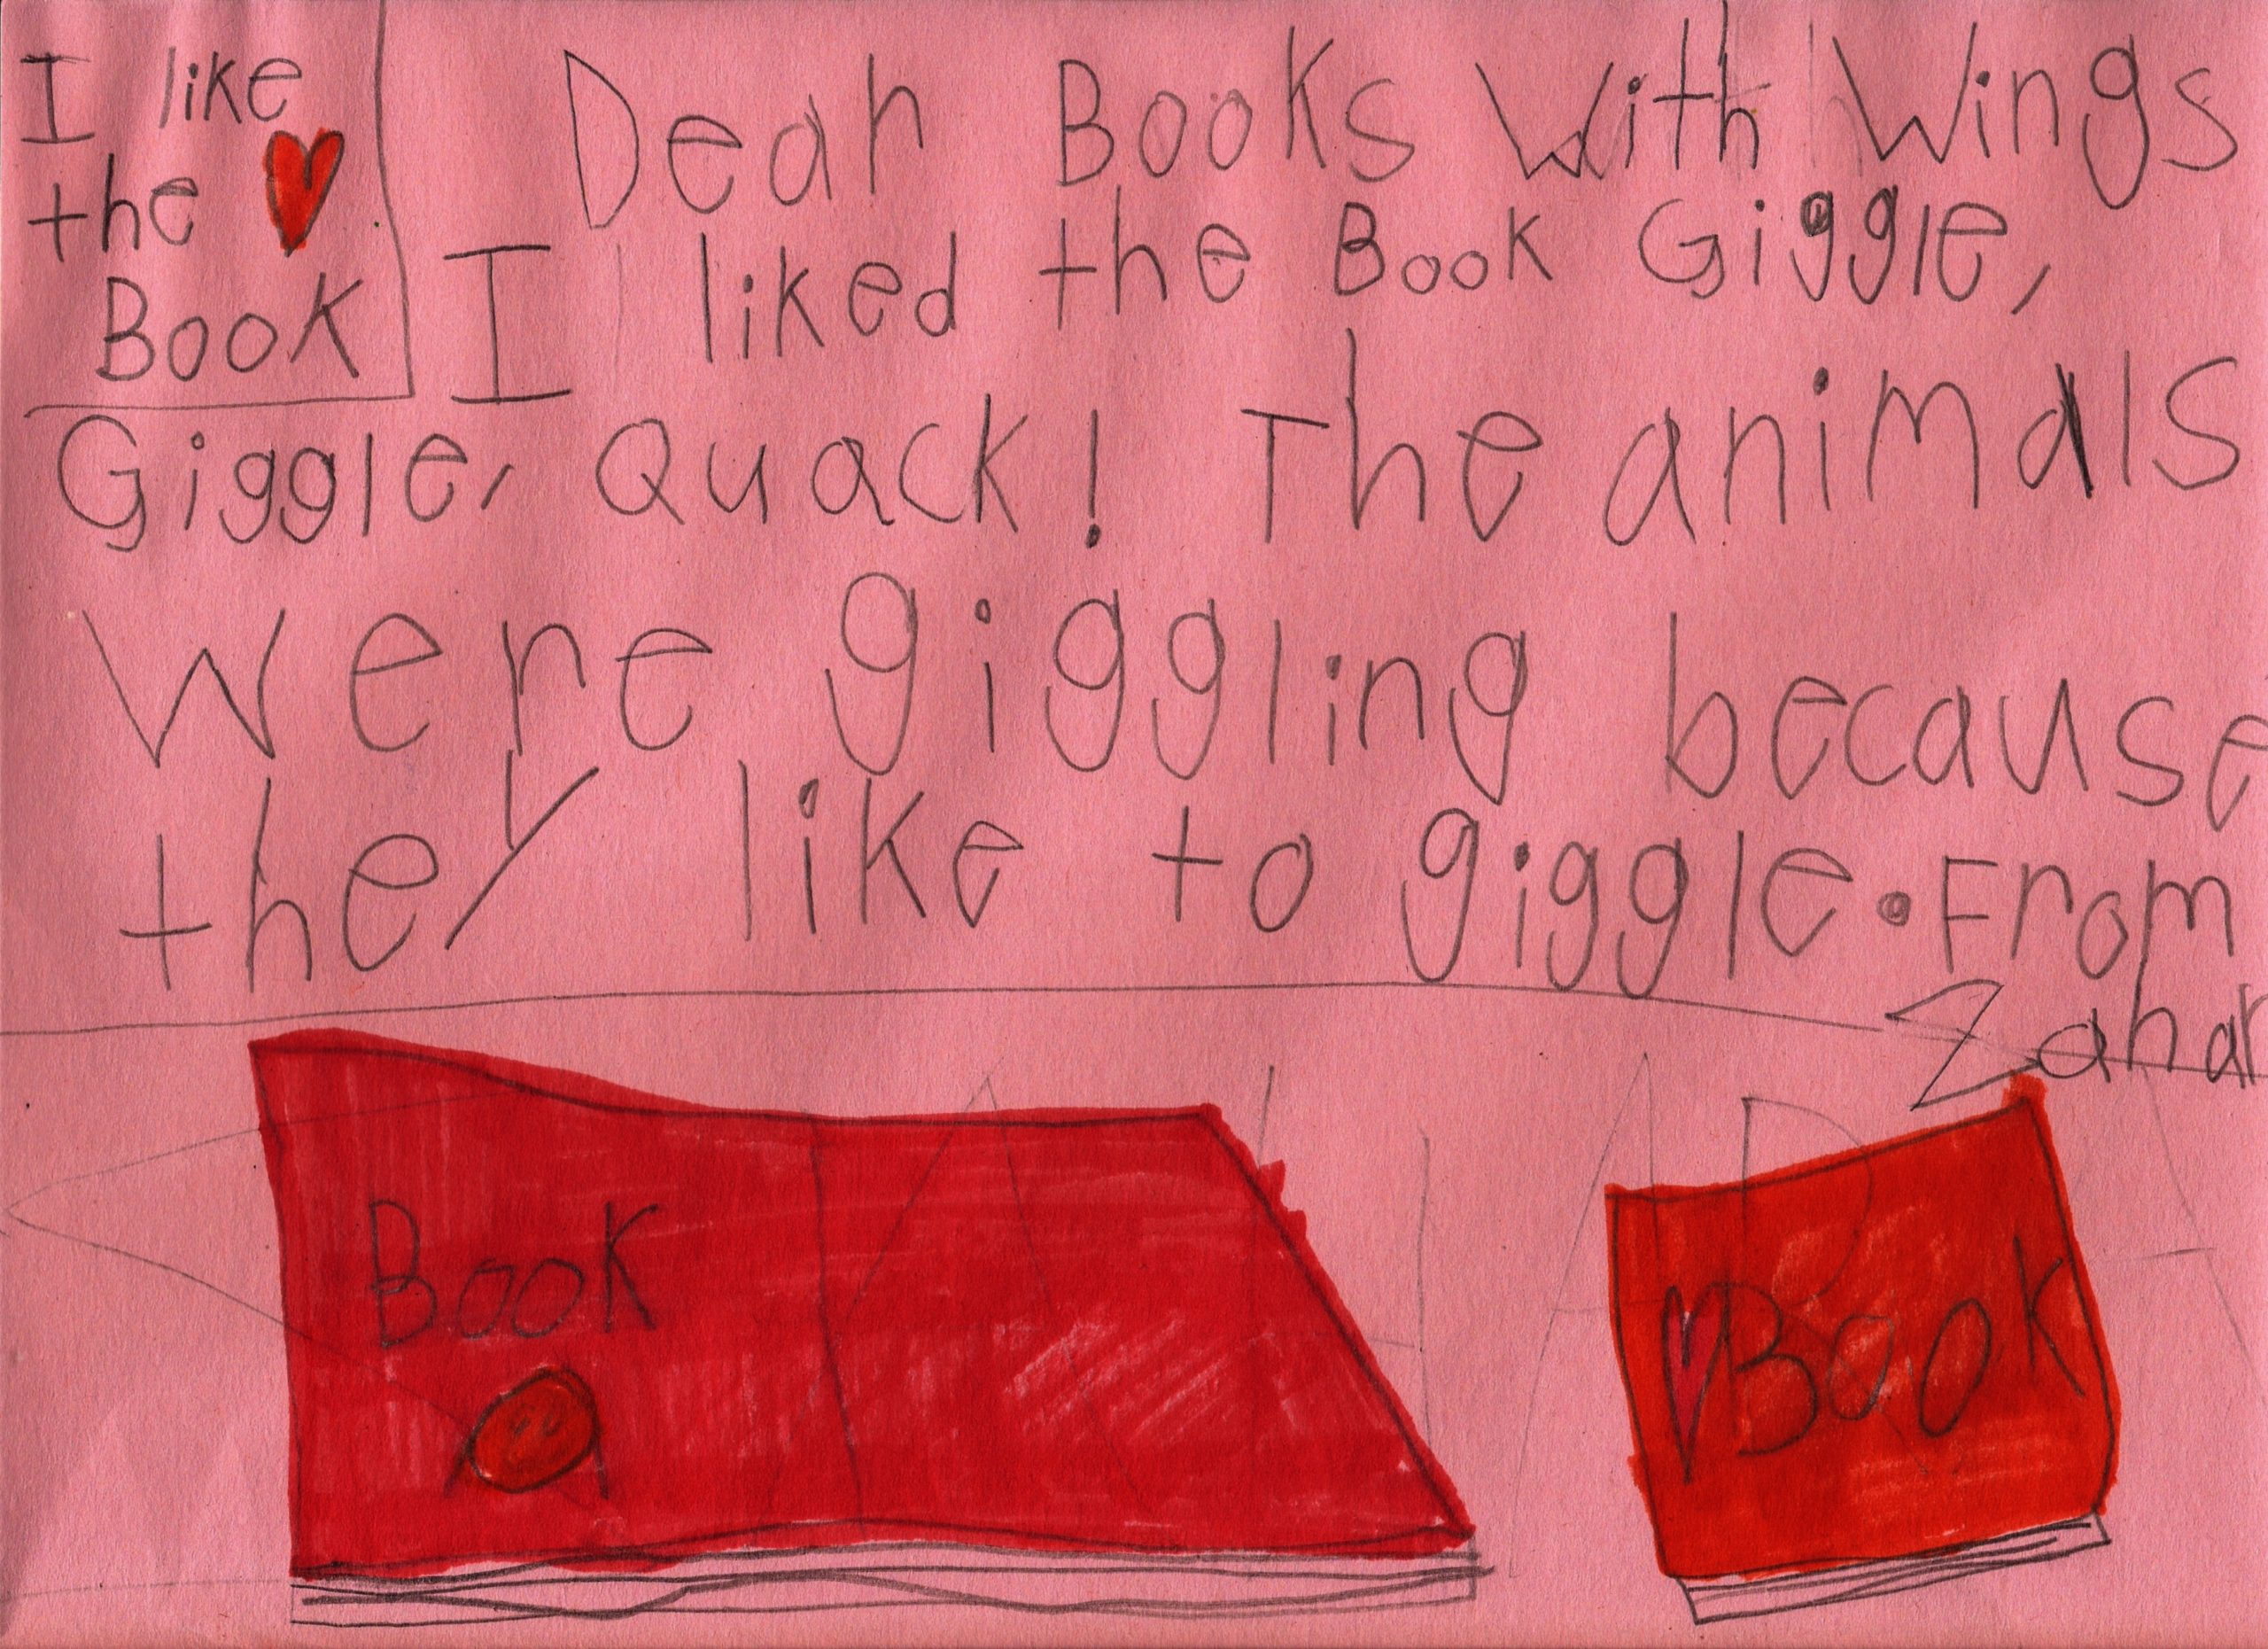 Happy 17,000 Books sent!